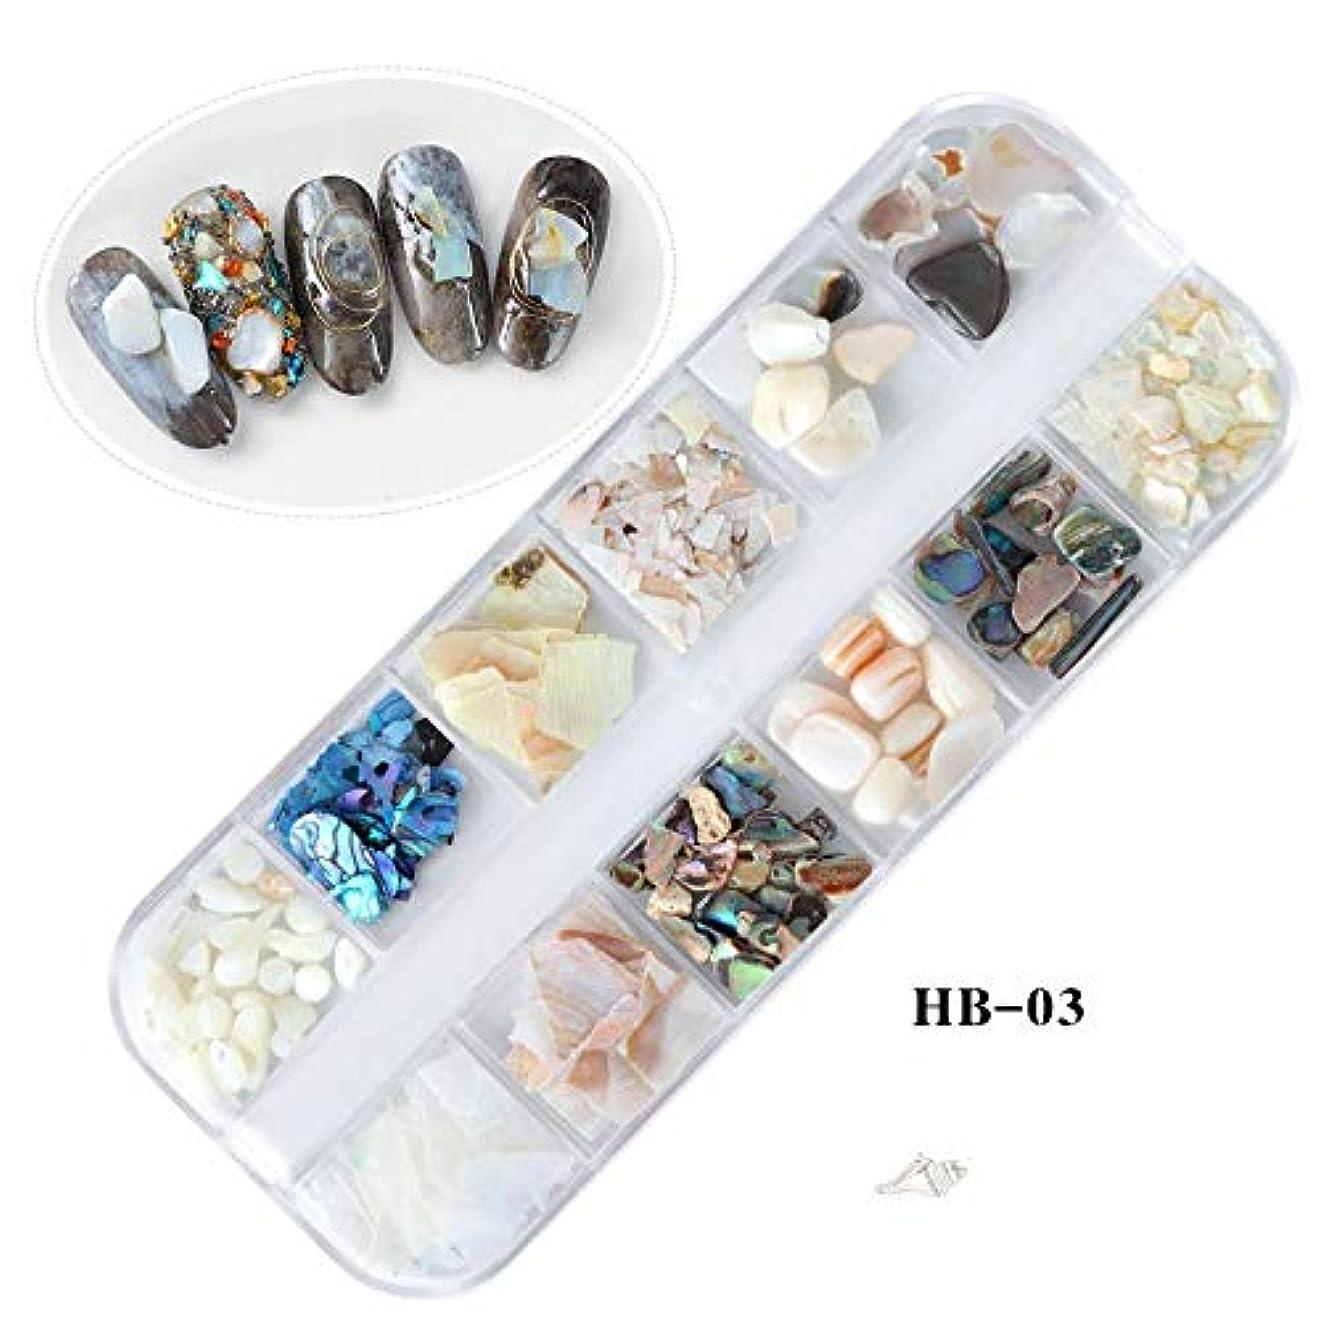 資産ビーム日帰り旅行にTianmey 天然貝殻3DチャームネイルアートデコレーションスライスDIYビューティーサロンオーシャンネイルアートパウダーマニキュアデカールツール (Color : HB03)